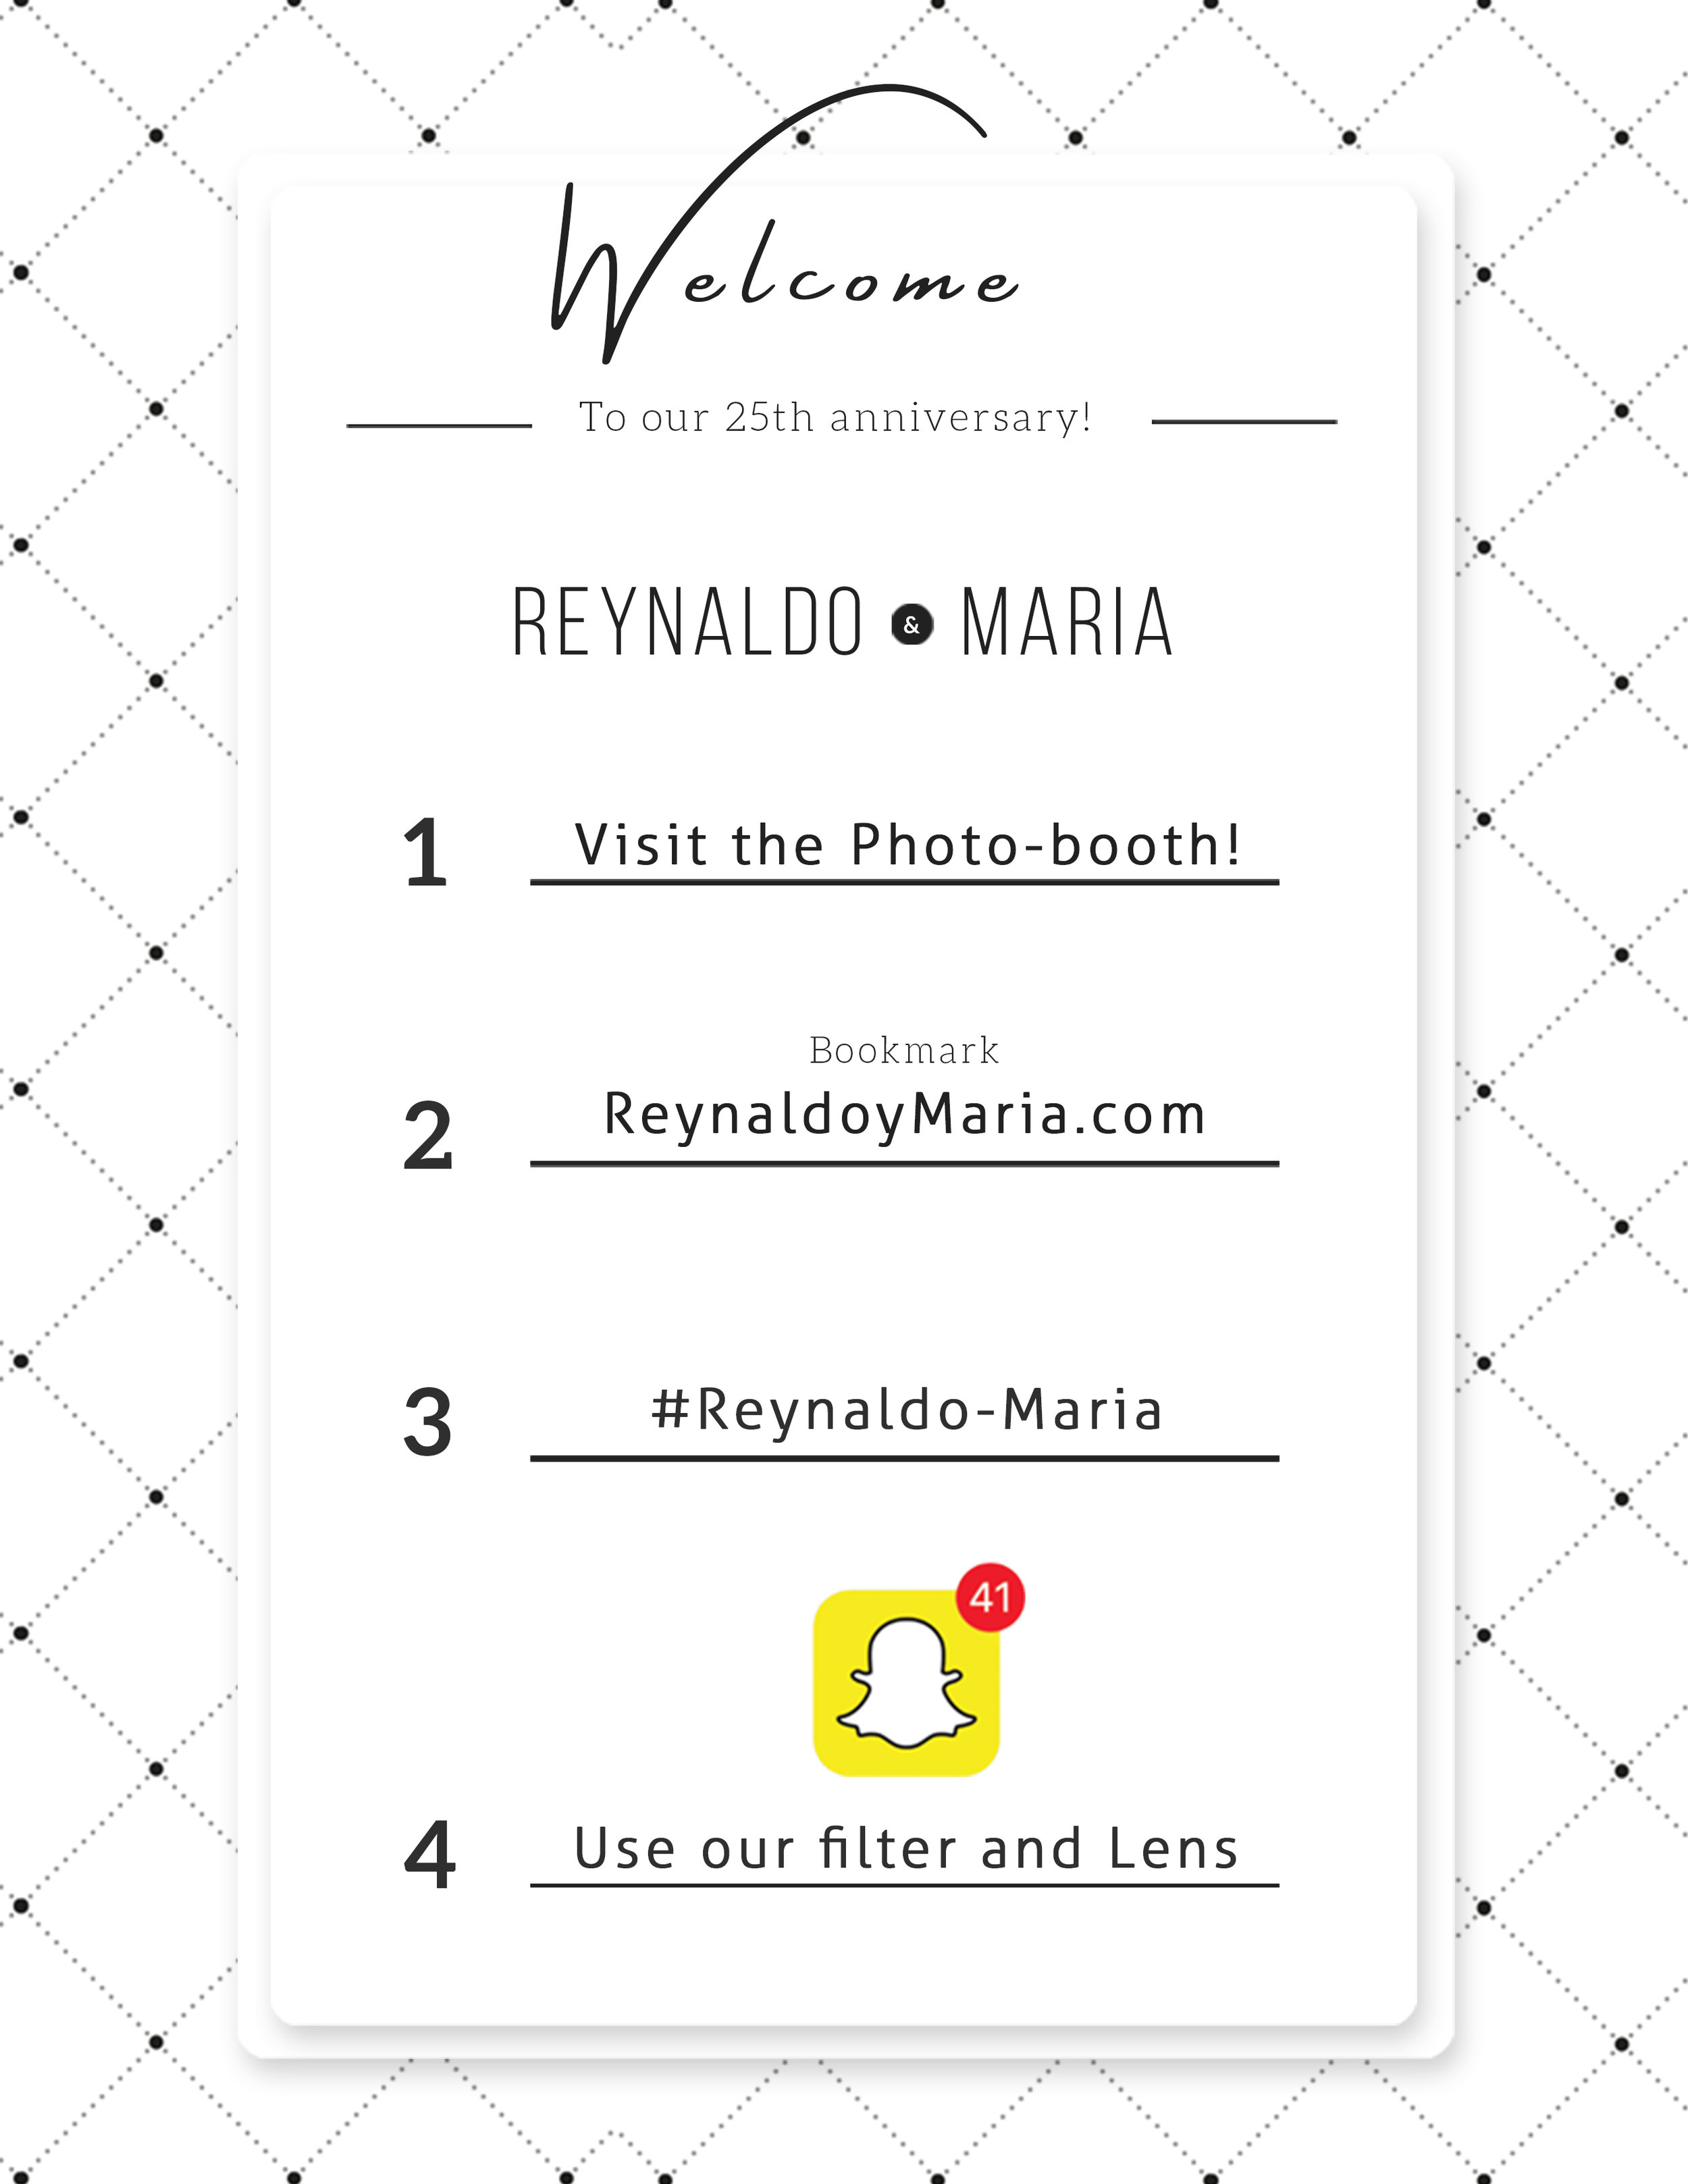 Usen nuestros filtros de Snapchat!